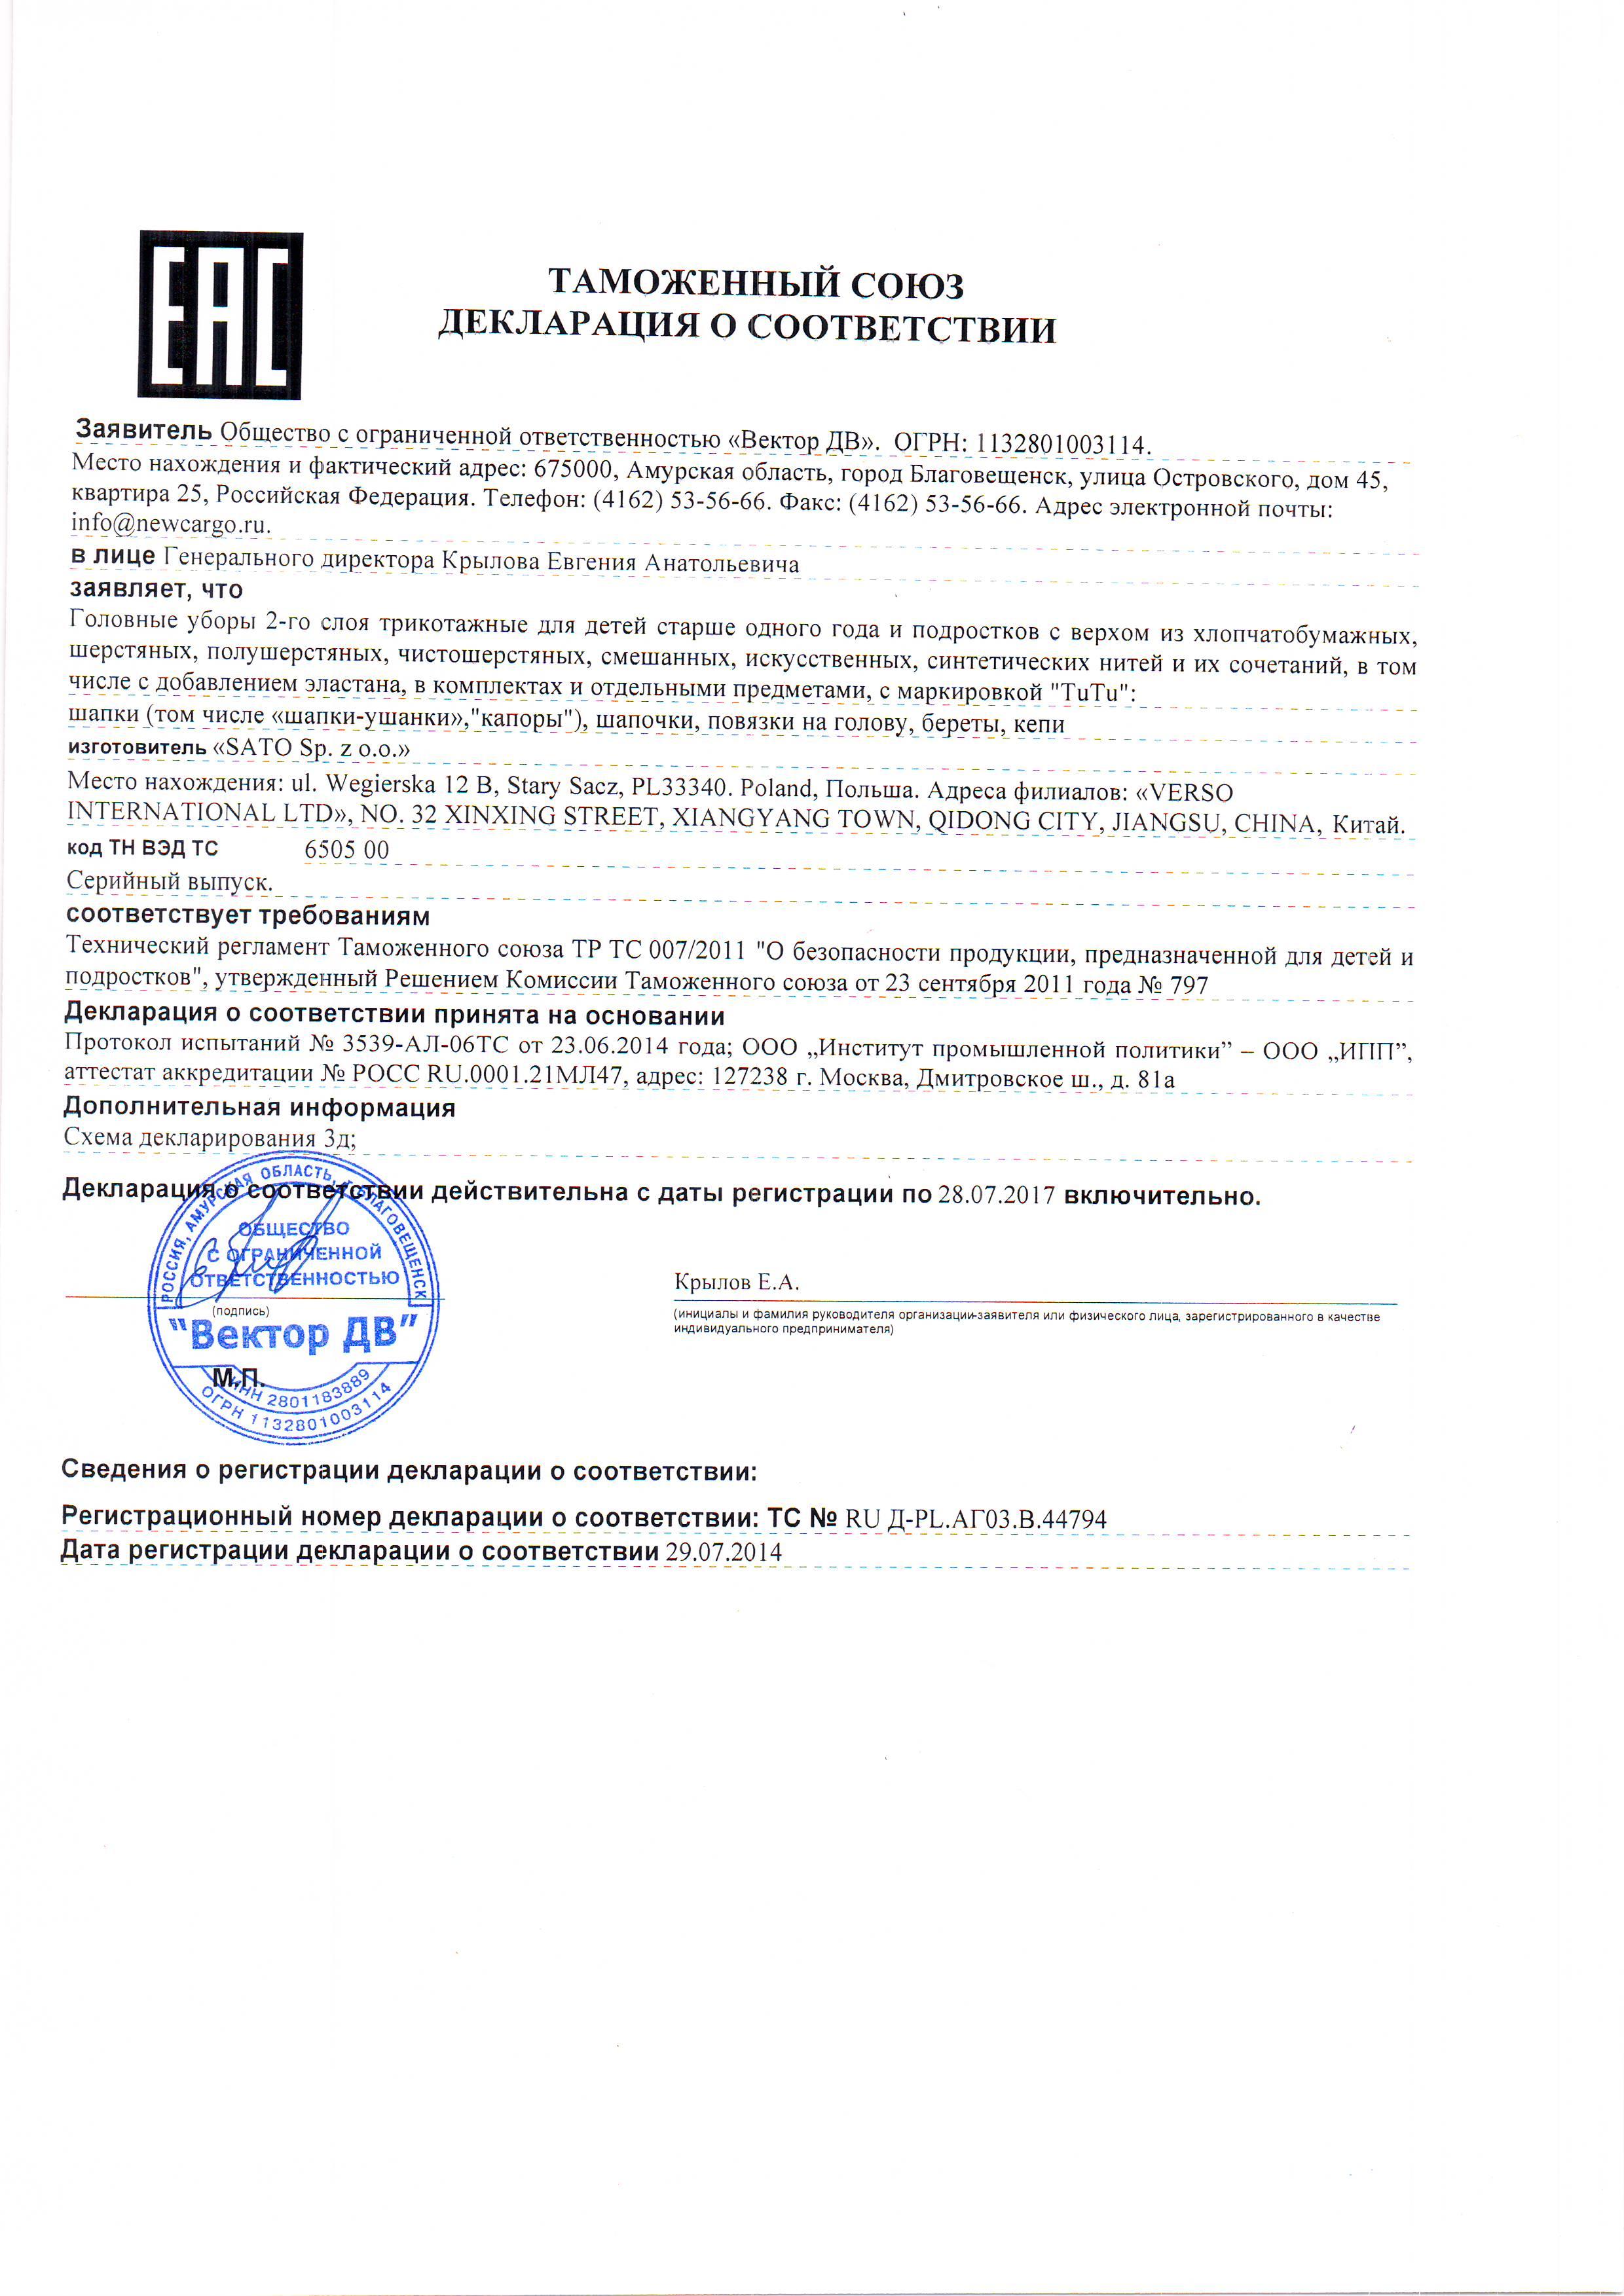 RU_Д-PL.АГ03.В.44794.JPG